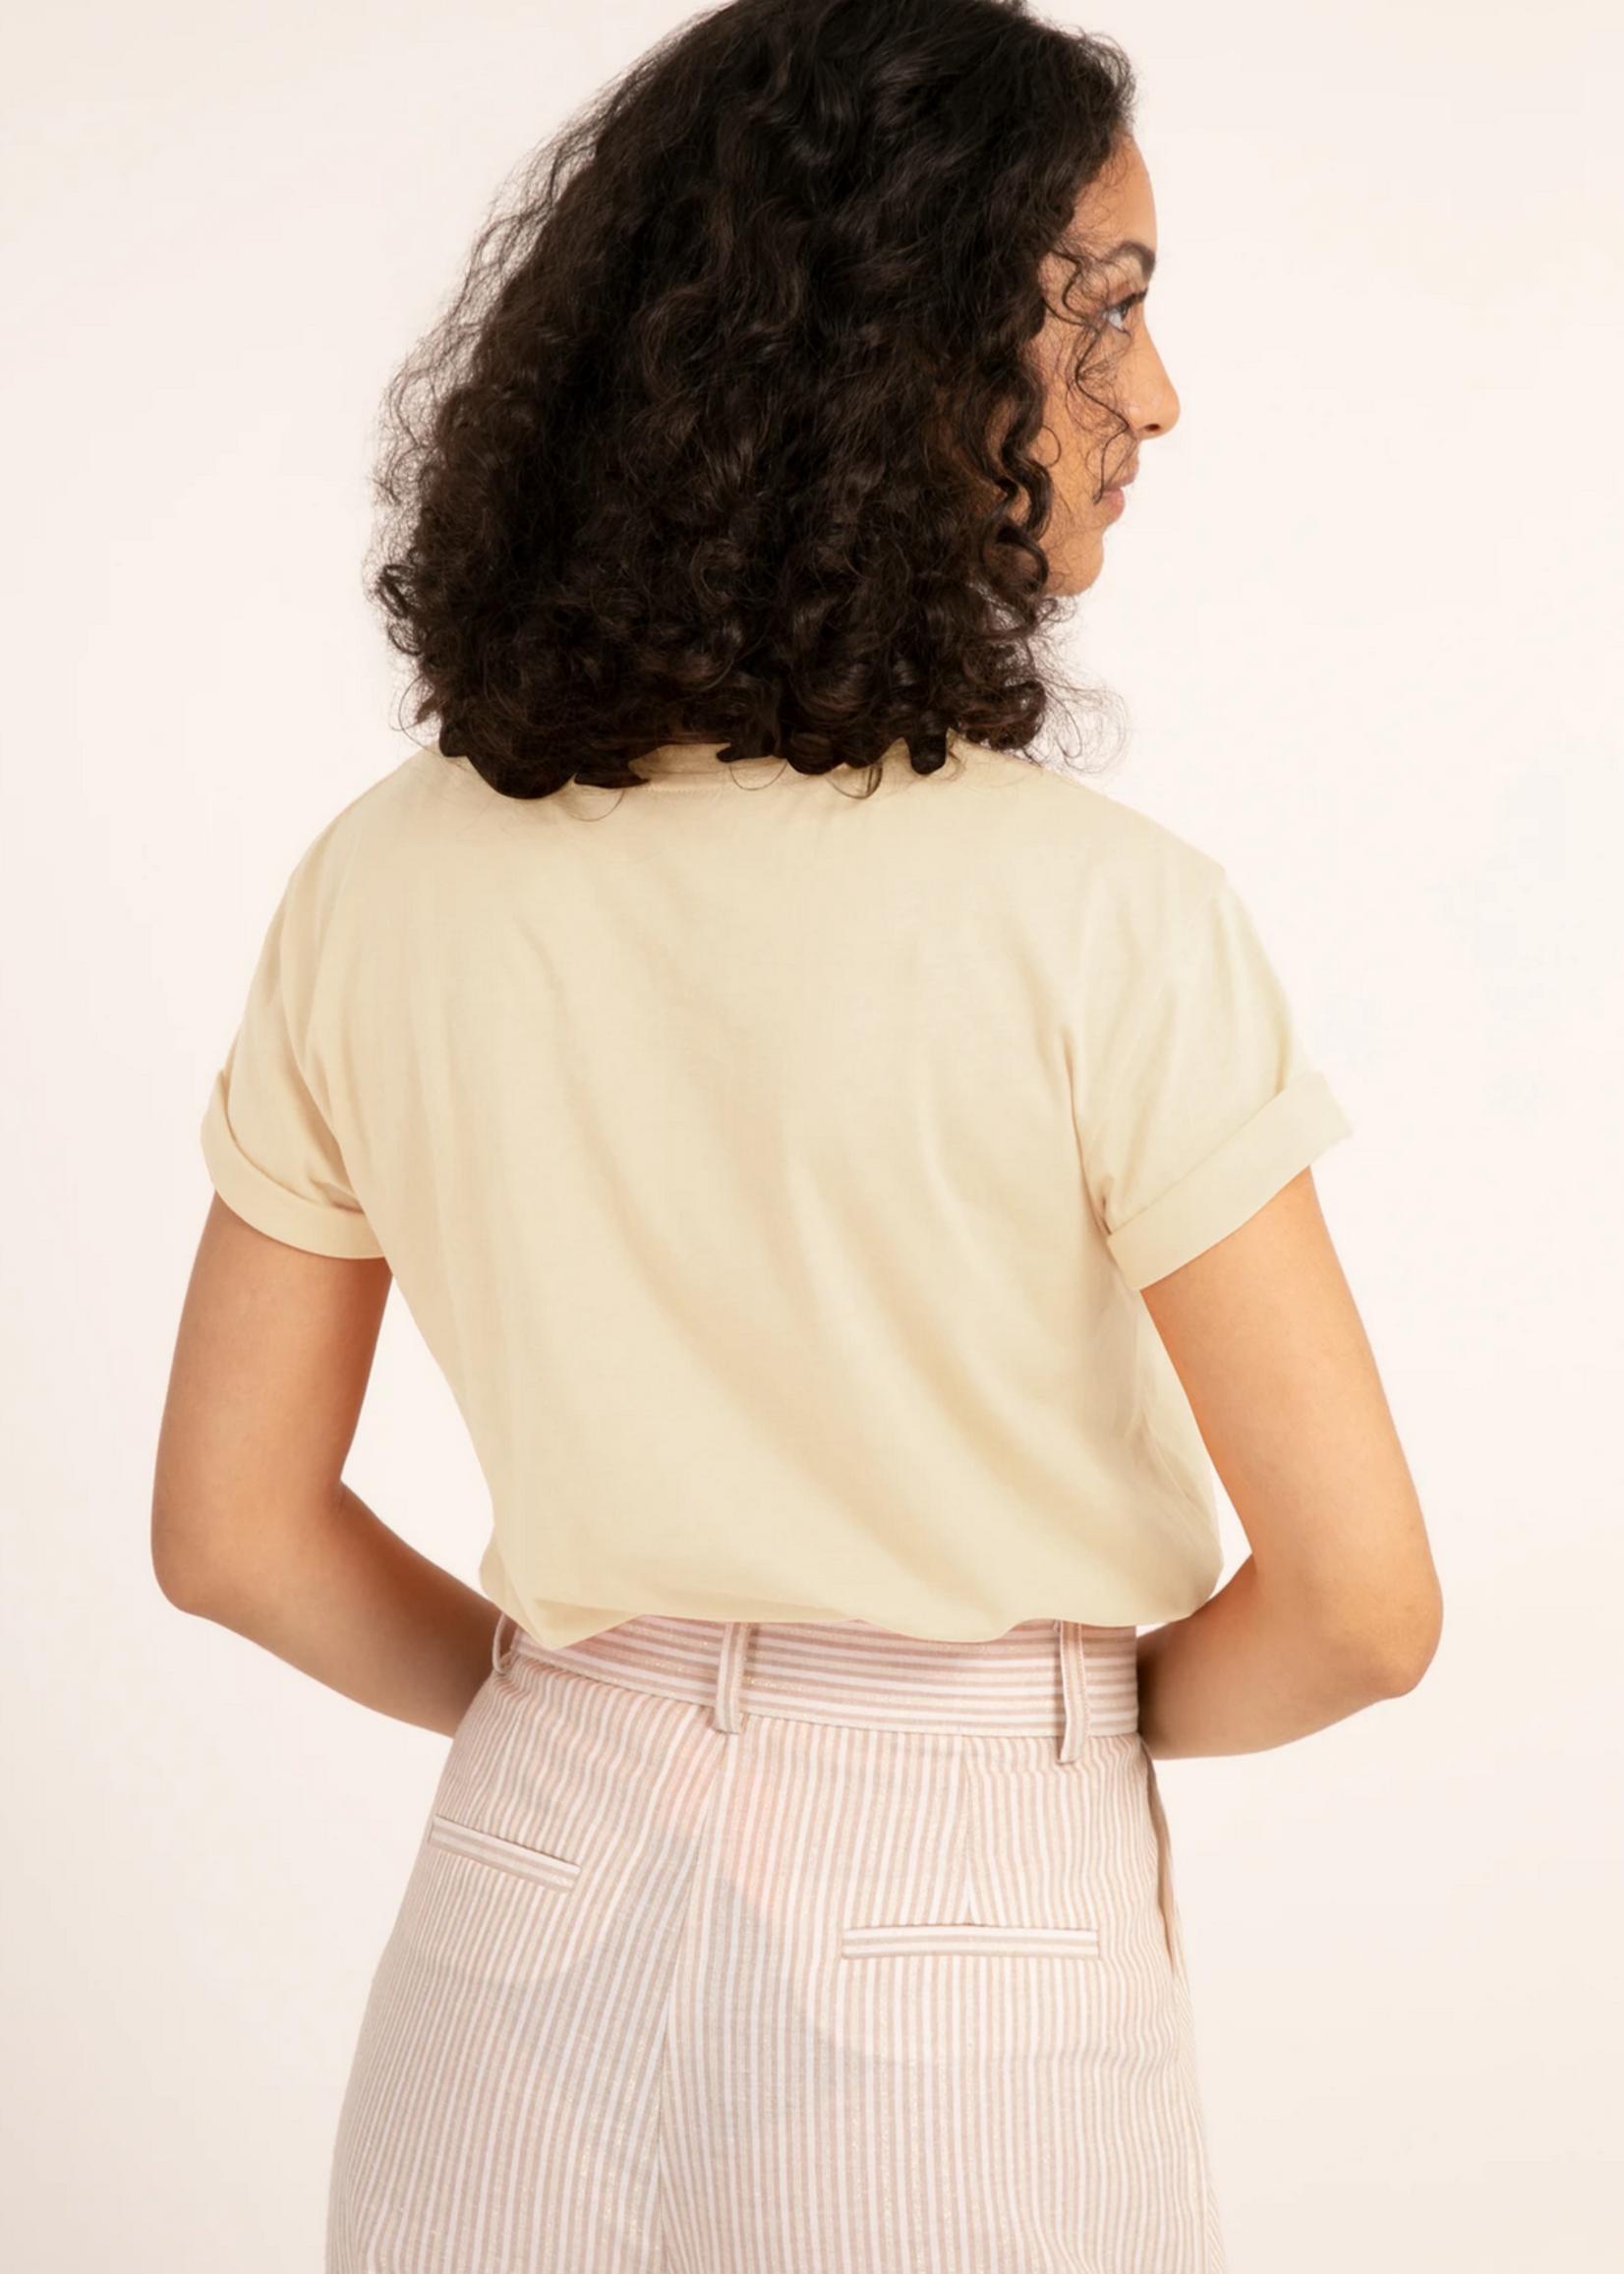 Elitaire Boutique Chervis T-Shirt in Creme